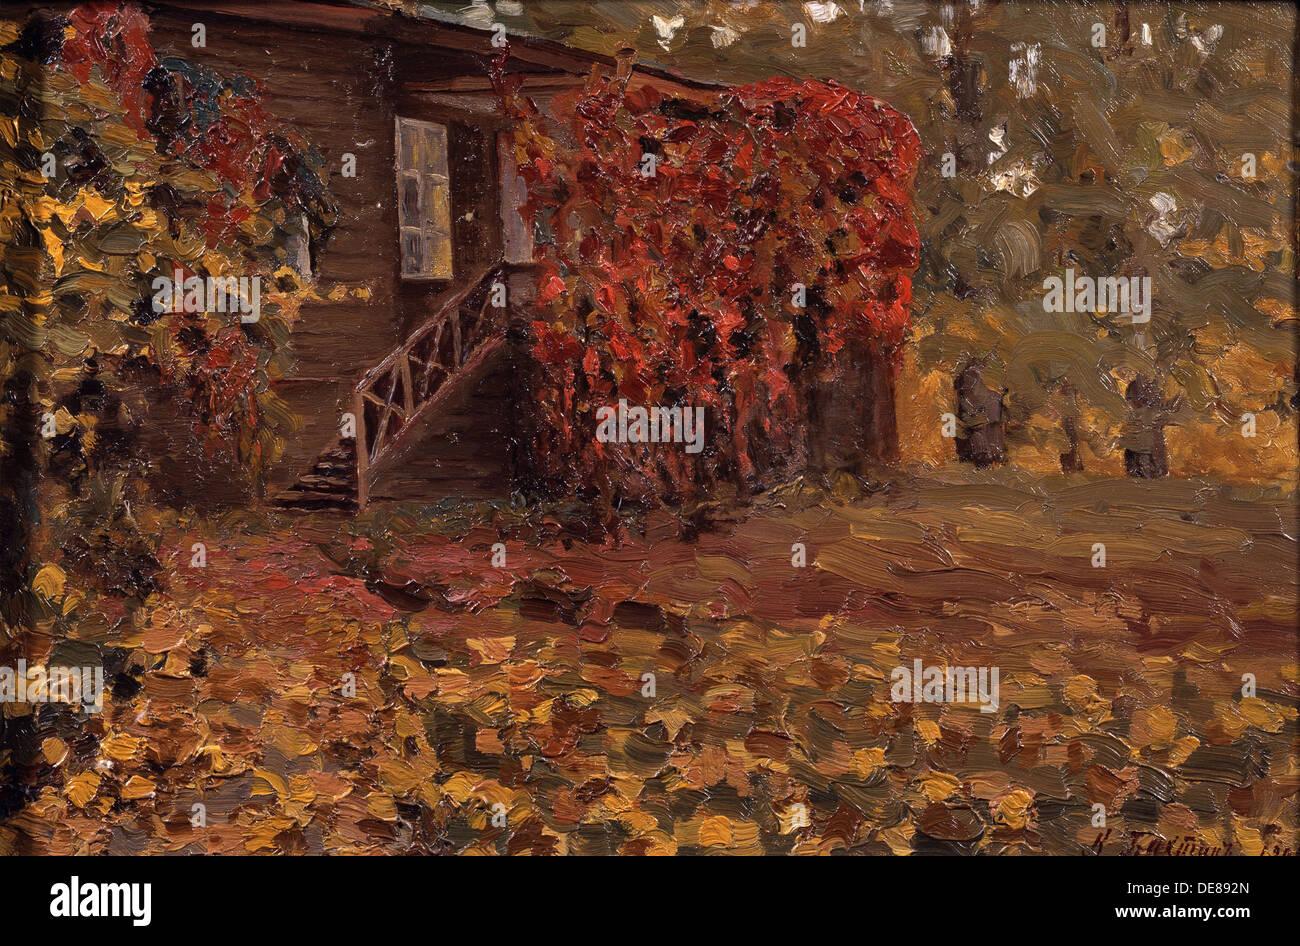 Einem einsamen Landhaus, 1909. Künstler: Bachtin, Konstantin Nikolajewitsch (1873-nach 1928) Stockbild